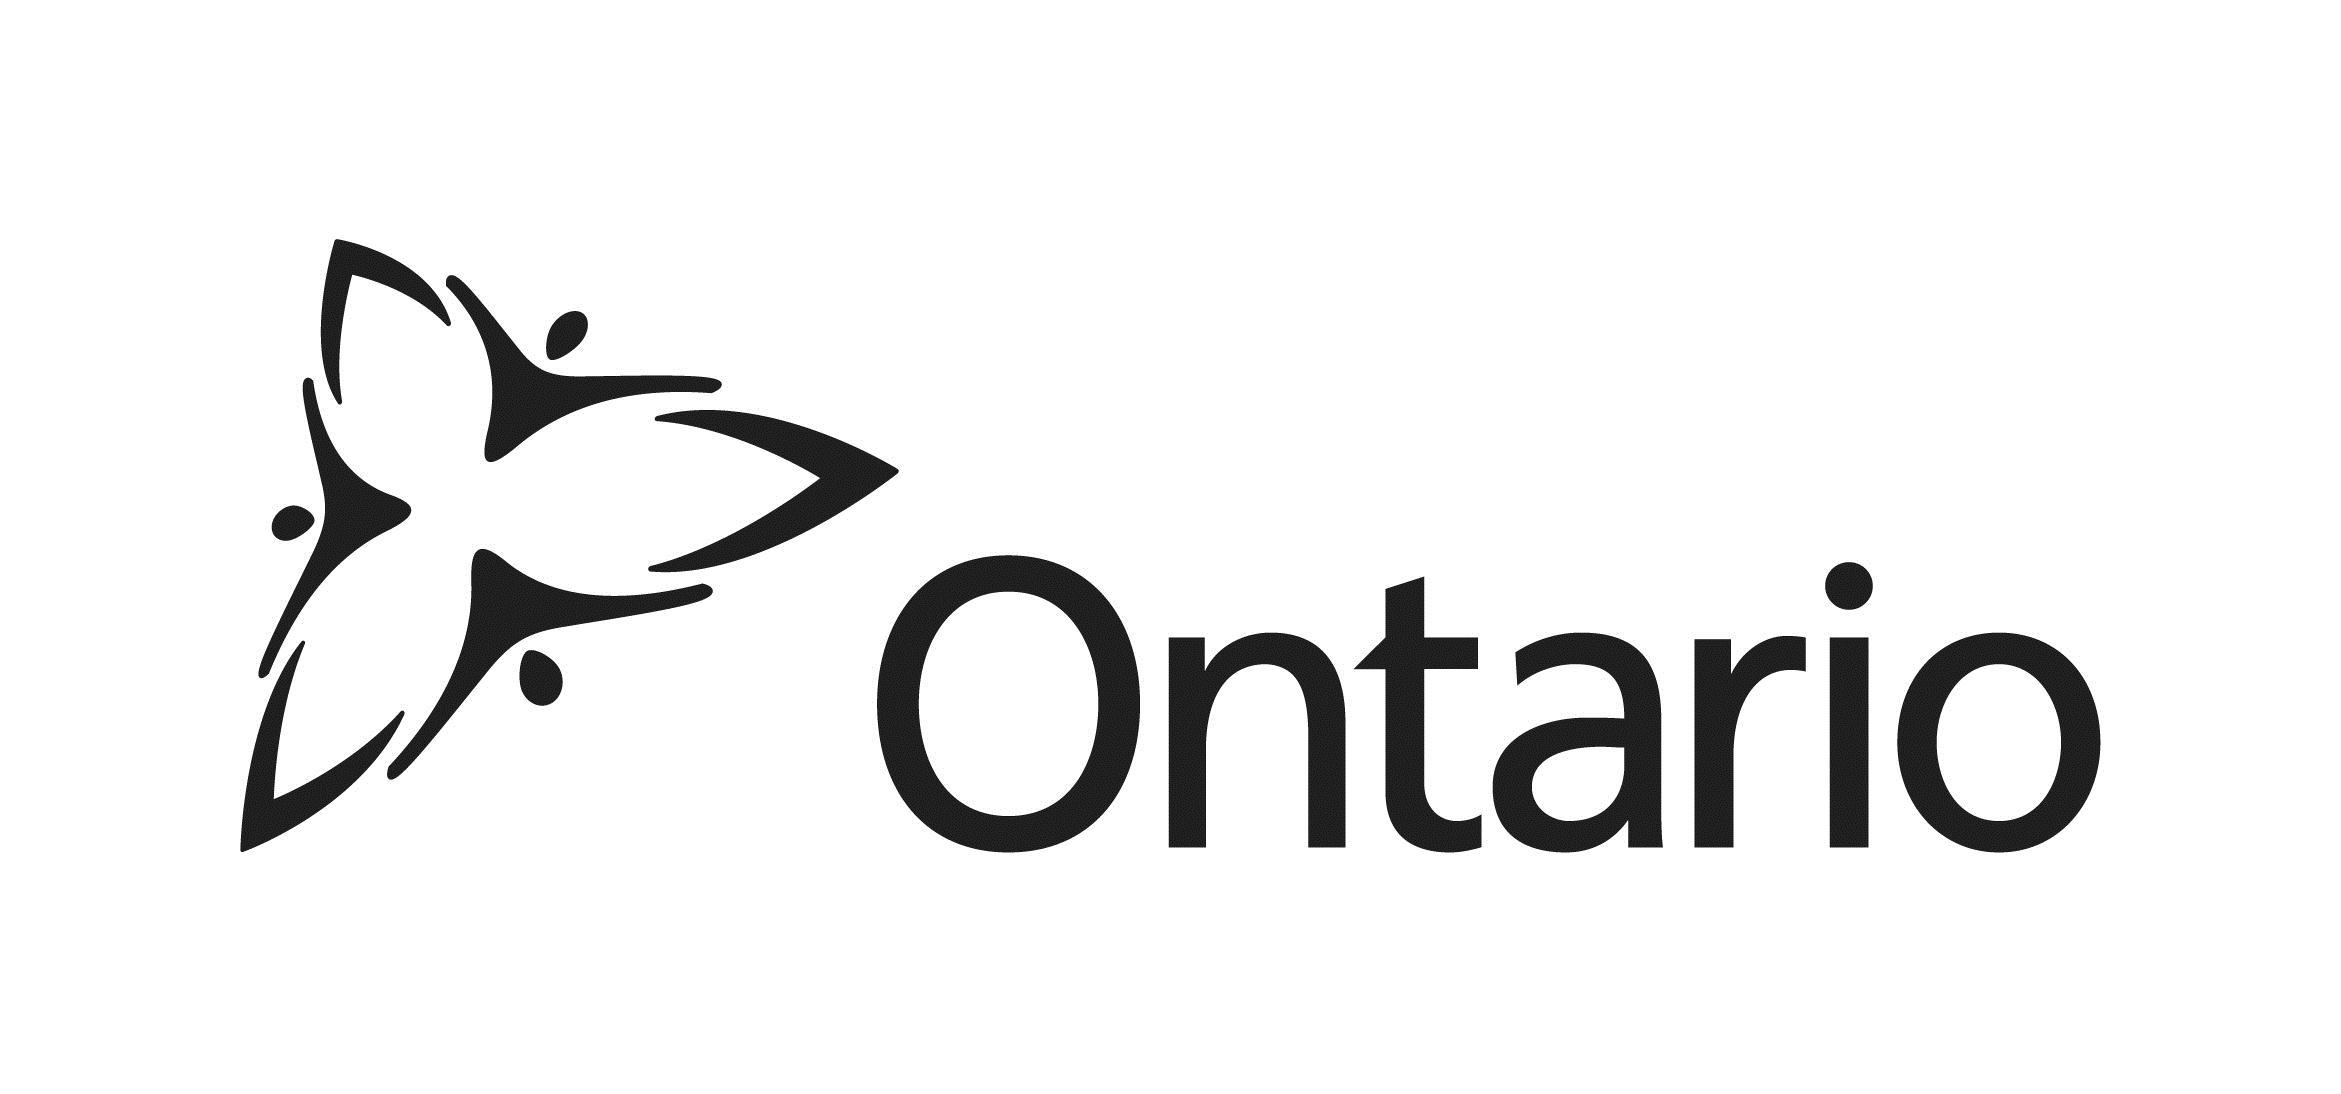 L'Ontario et le Québec s'unissent pour renforcer l'économie du Canada central